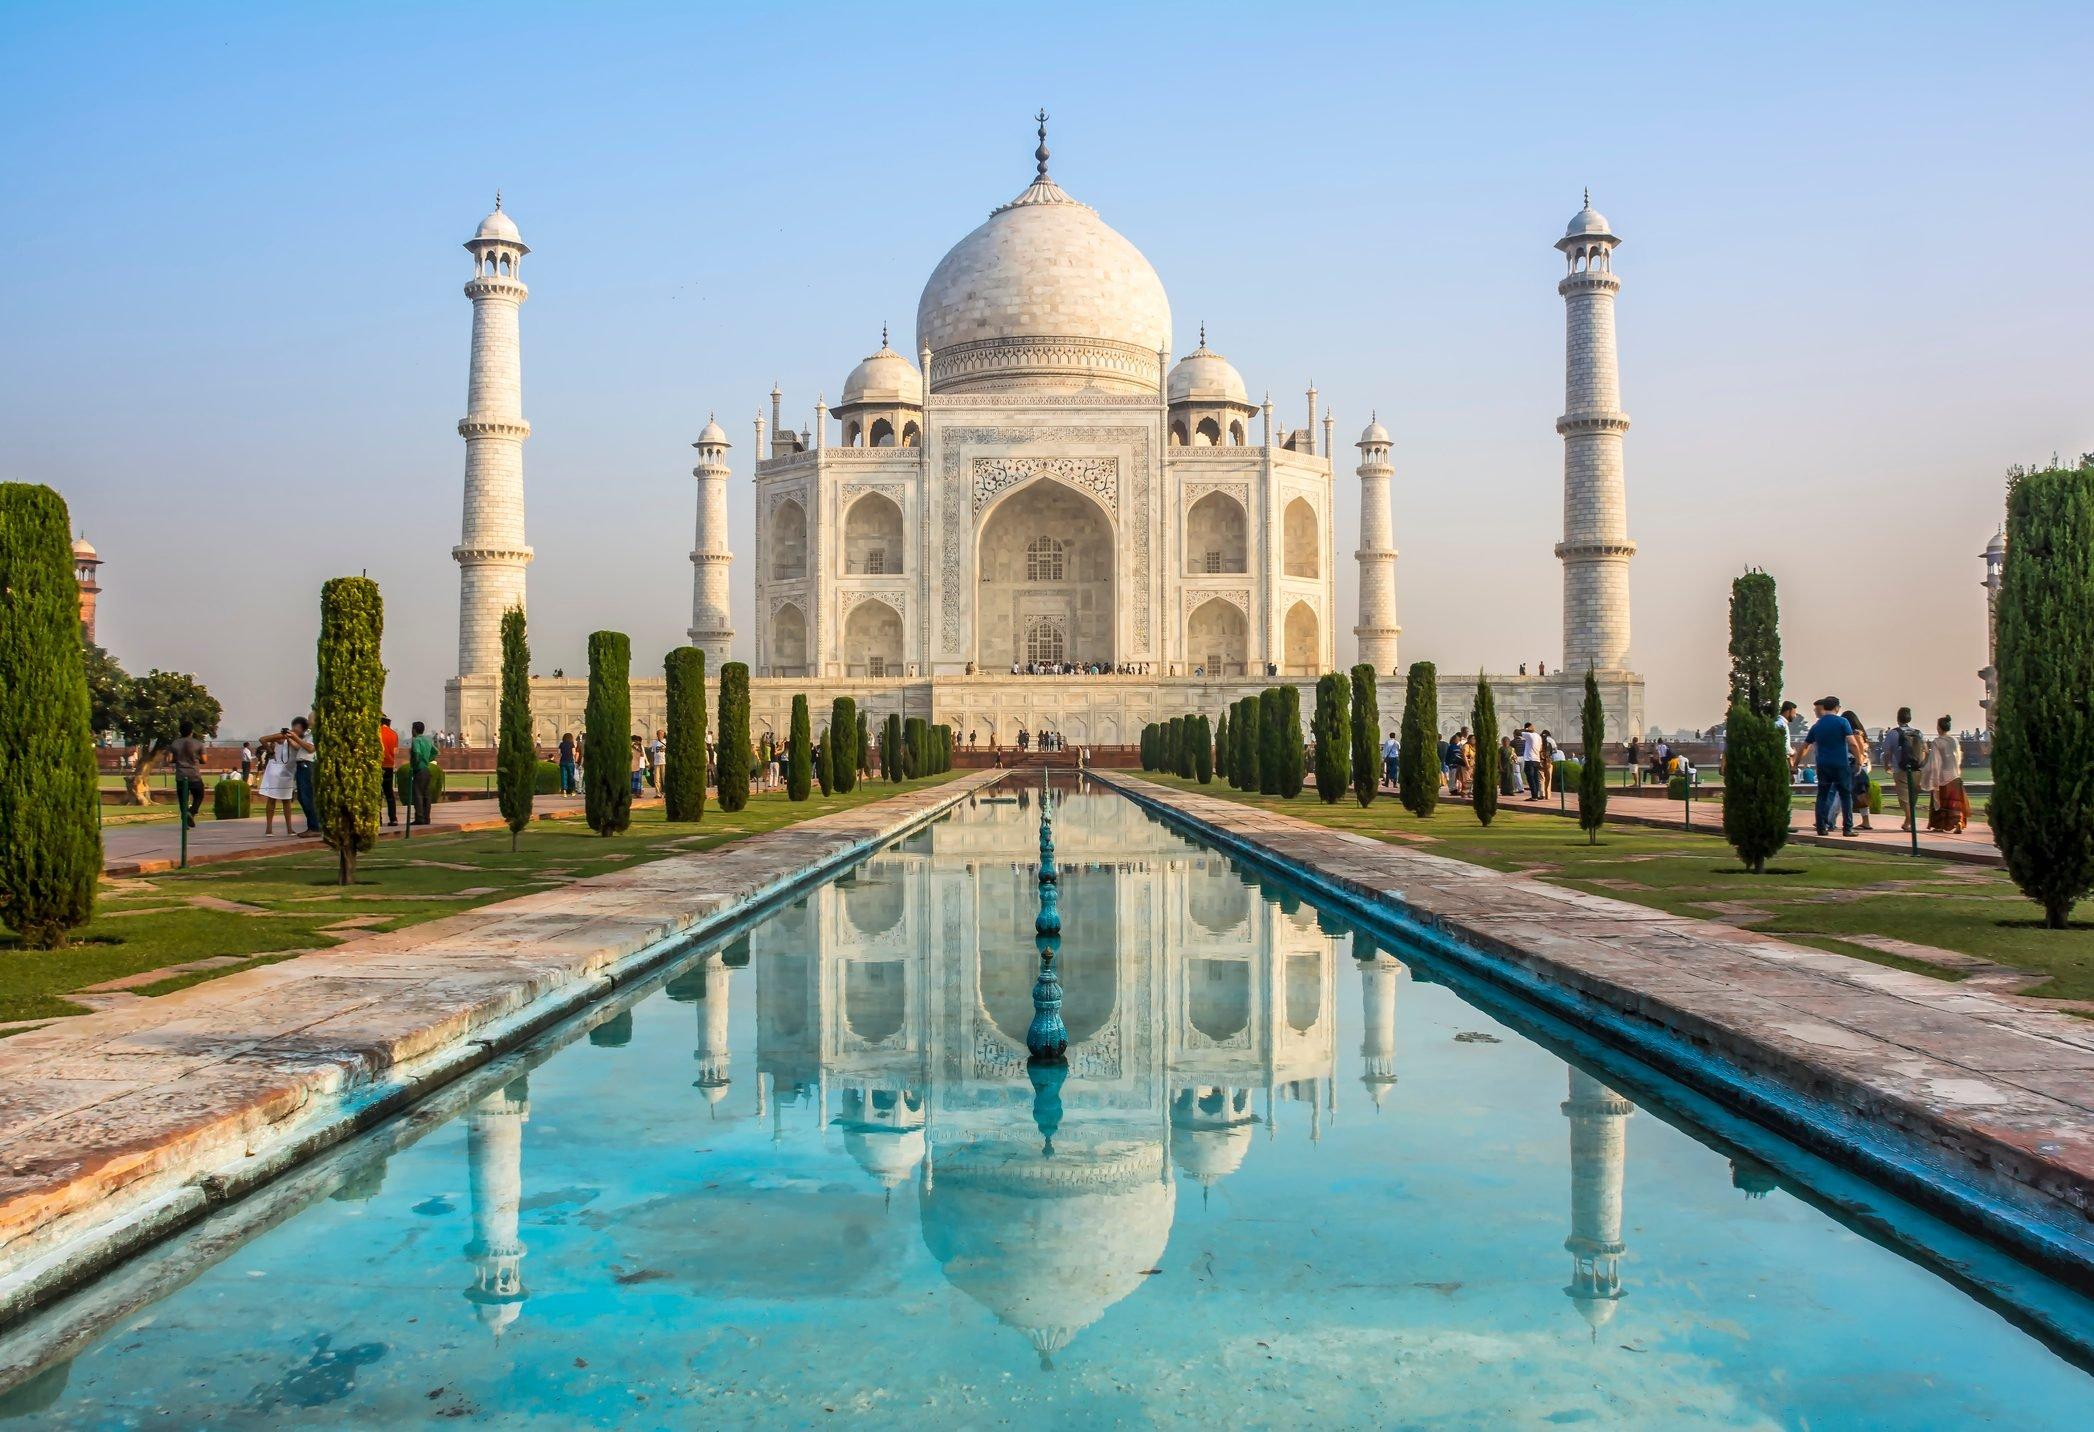 Taj Mahal, Agra city, India.